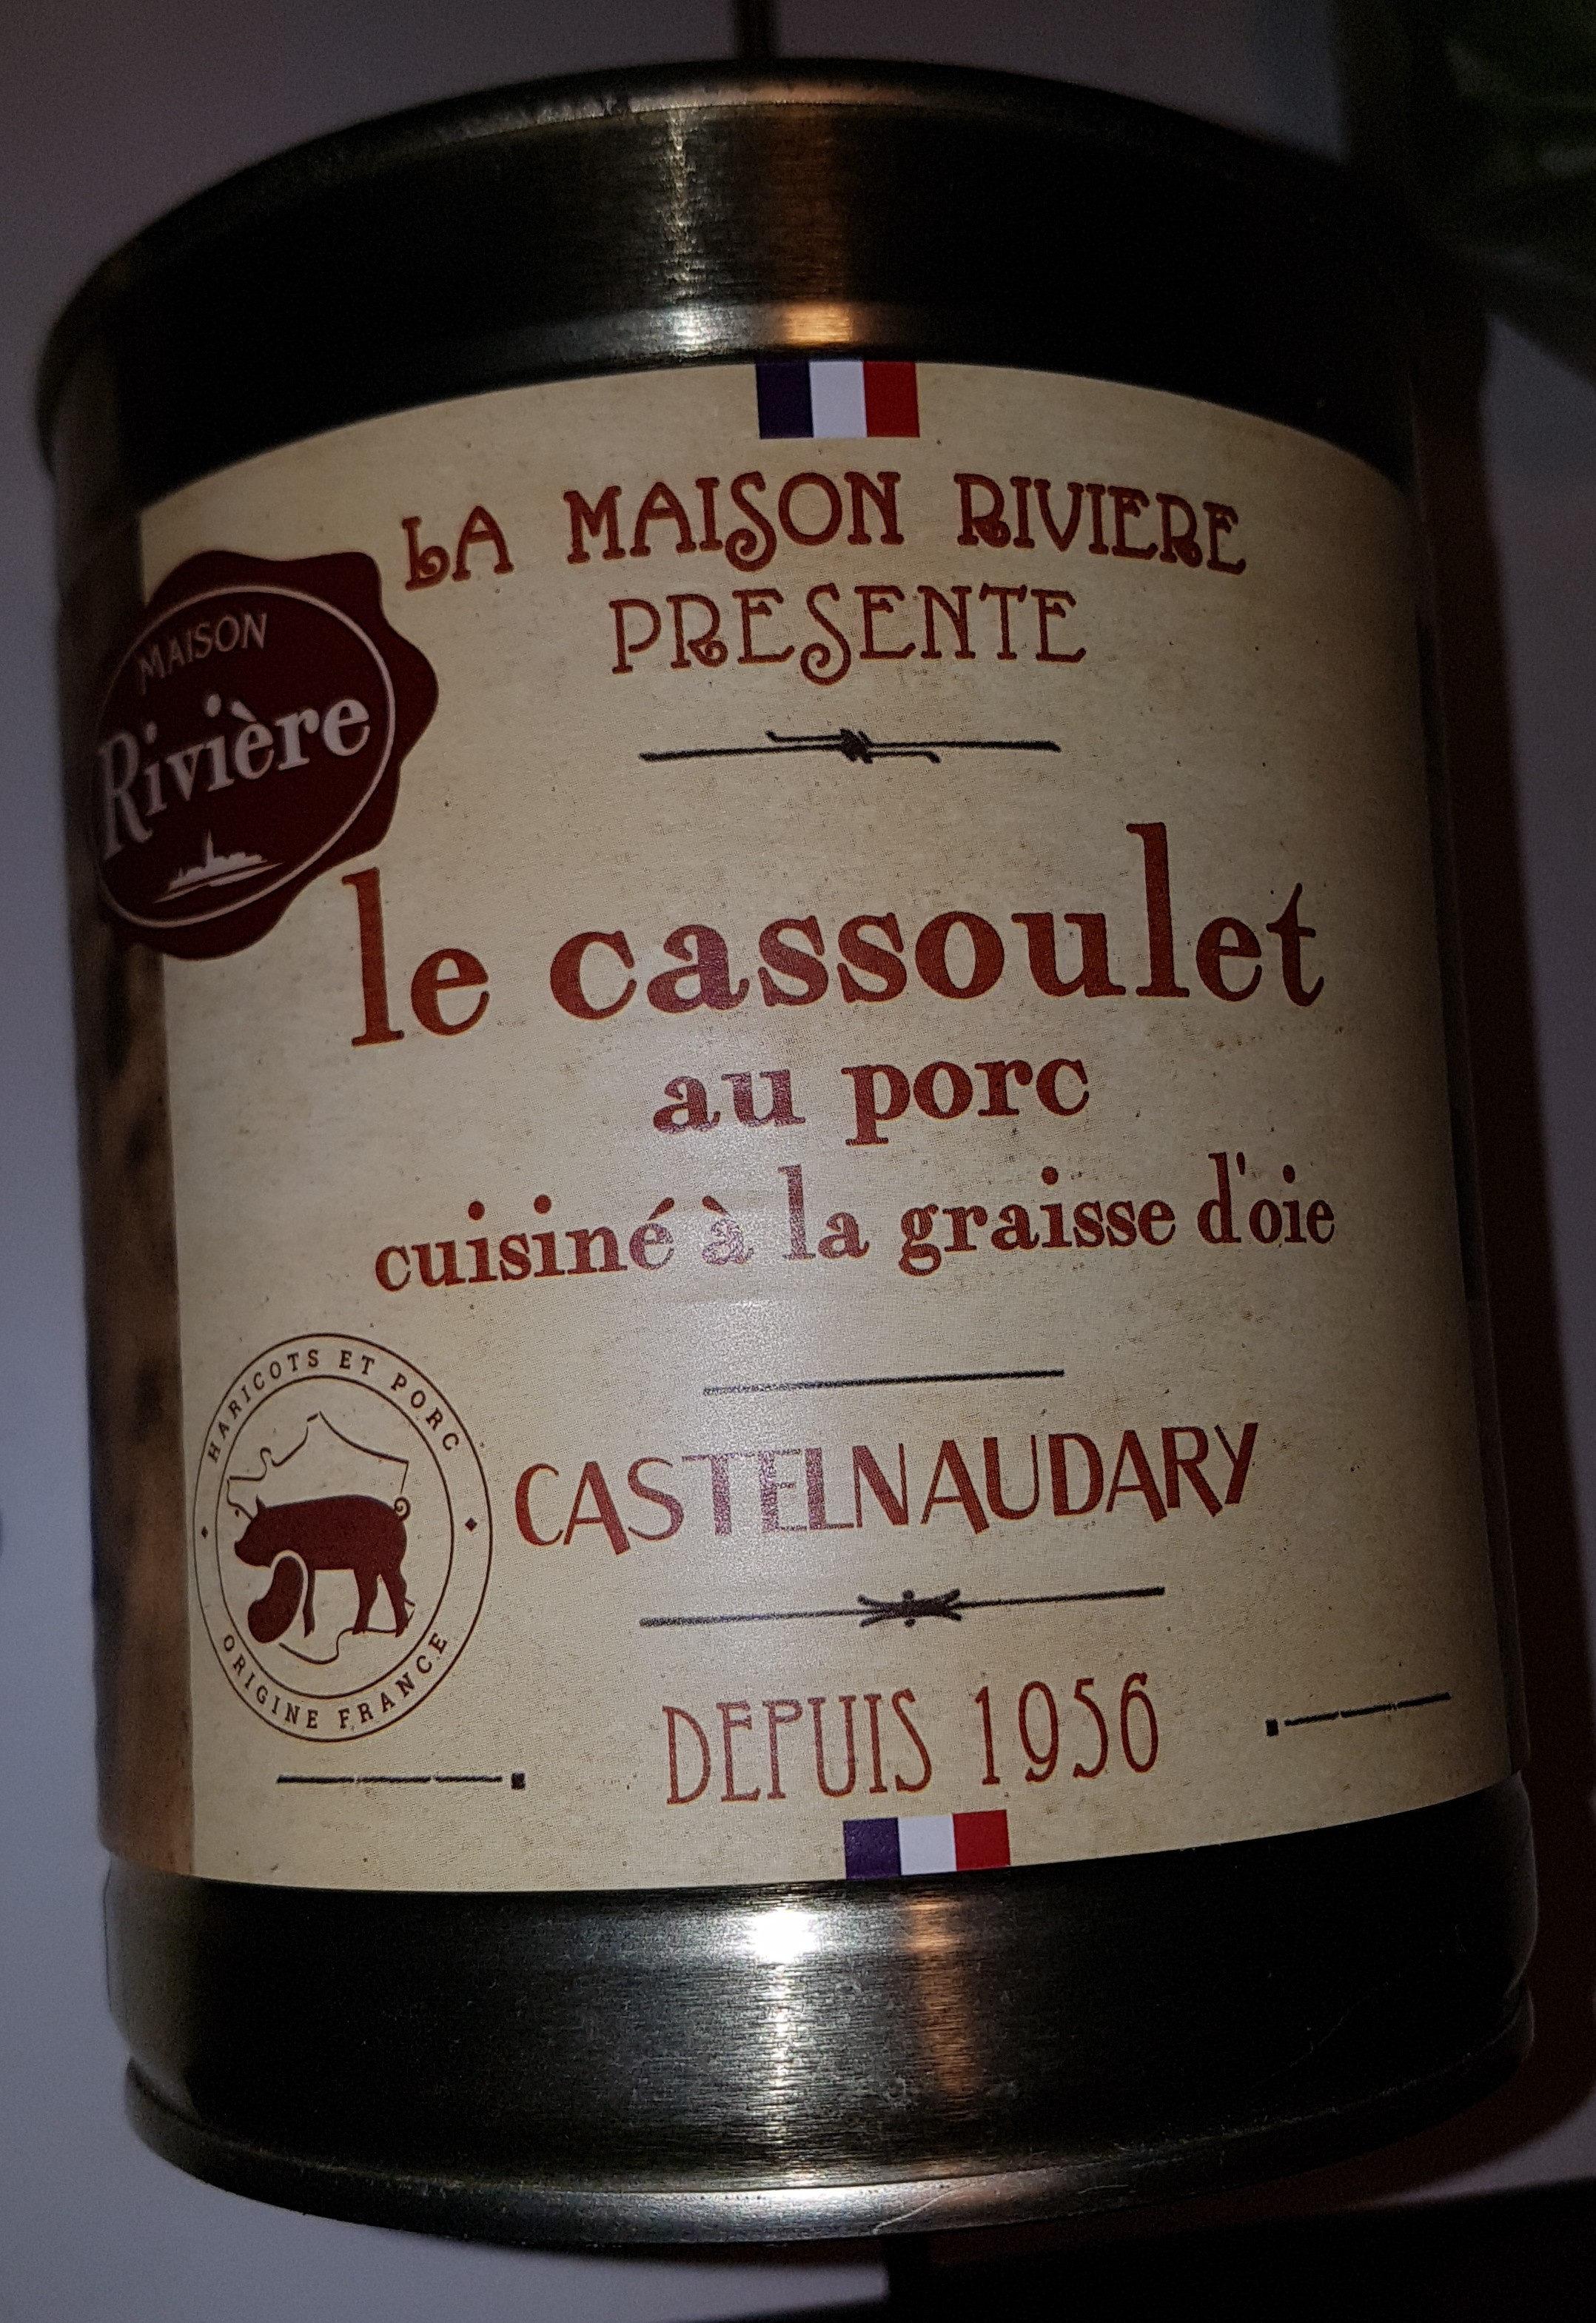 Cassoulet Castelnaudary au porc MAISON RIVIERE, boîte 4/4 - Product